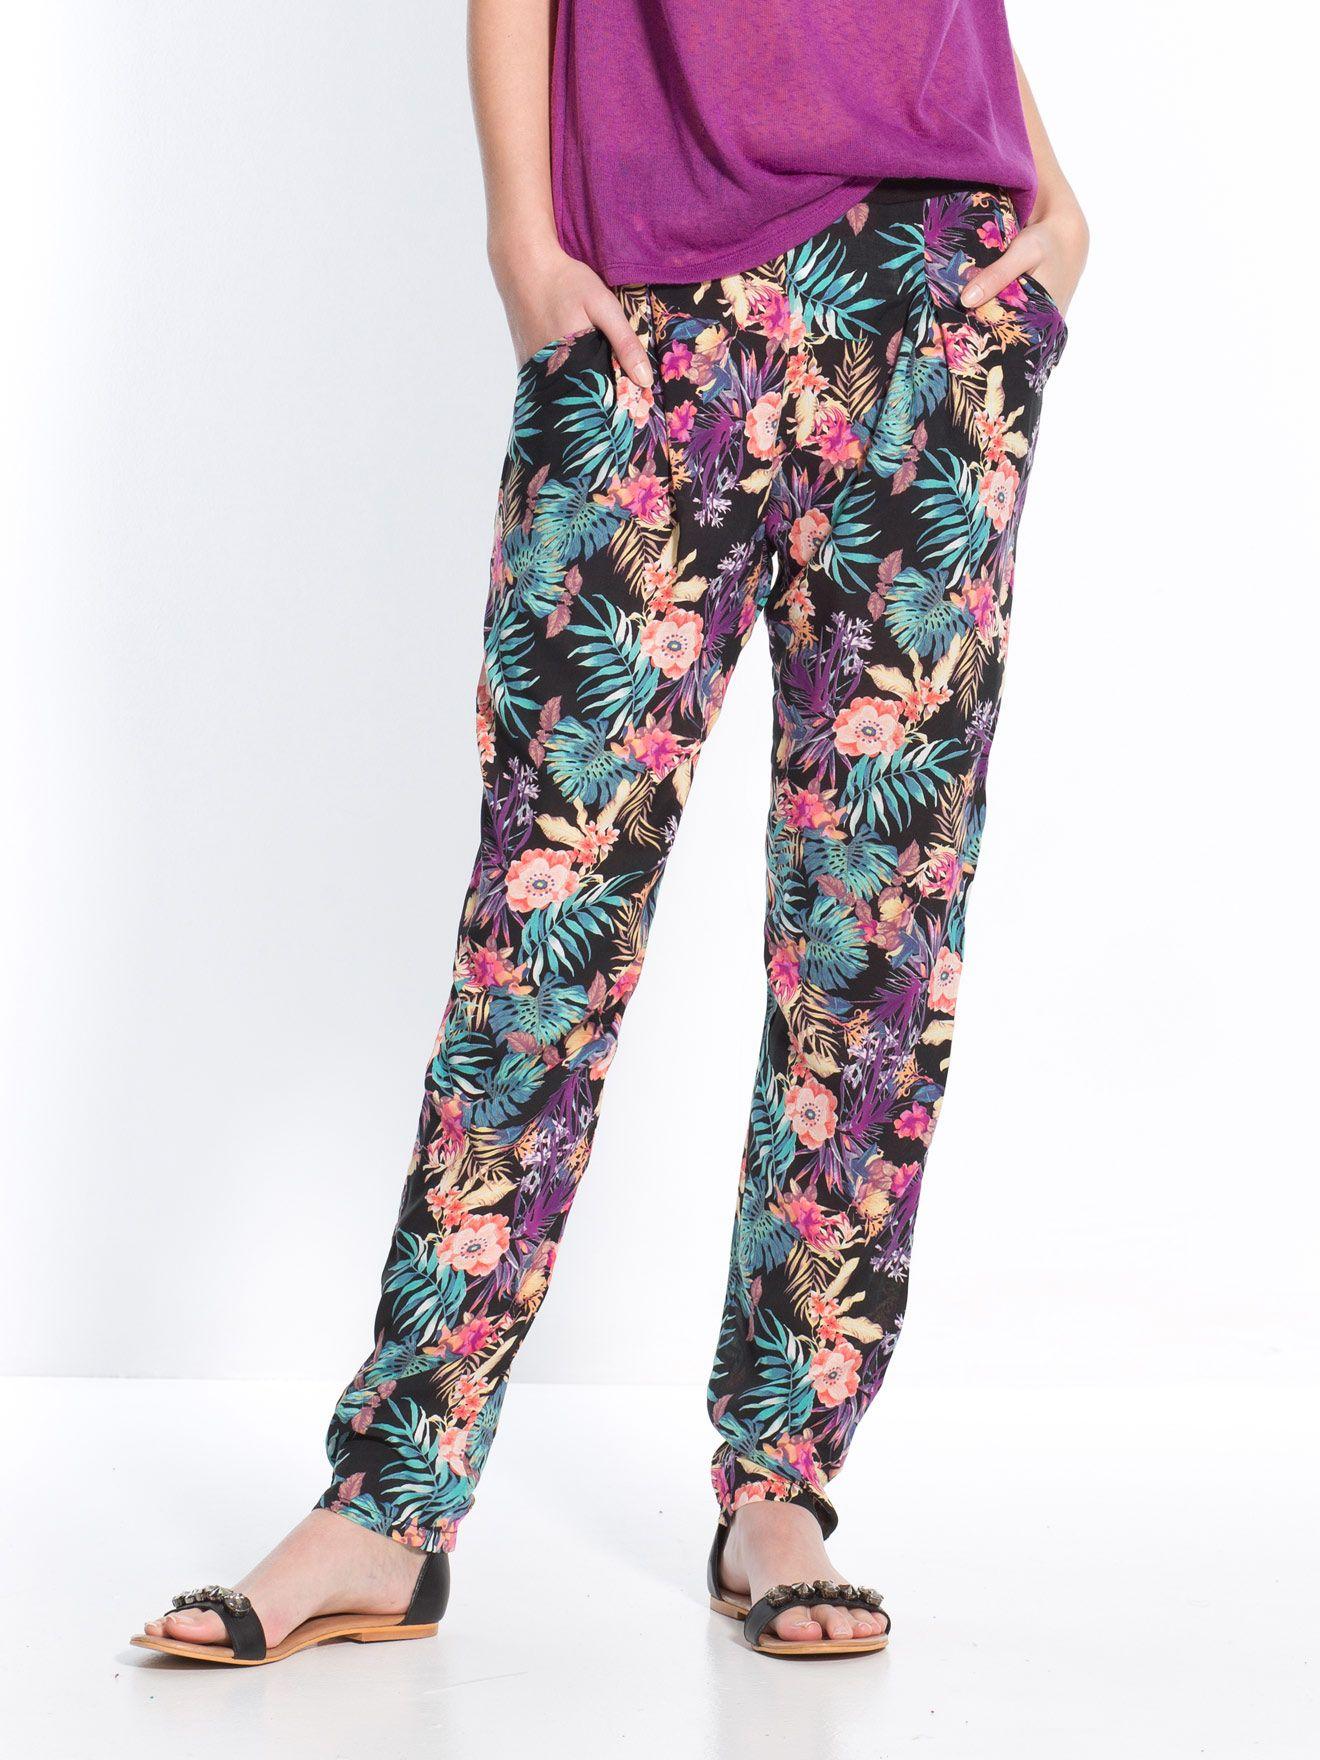 Pantalon Fluide Imprime Femme Celaia Balsamik Fr Fashion